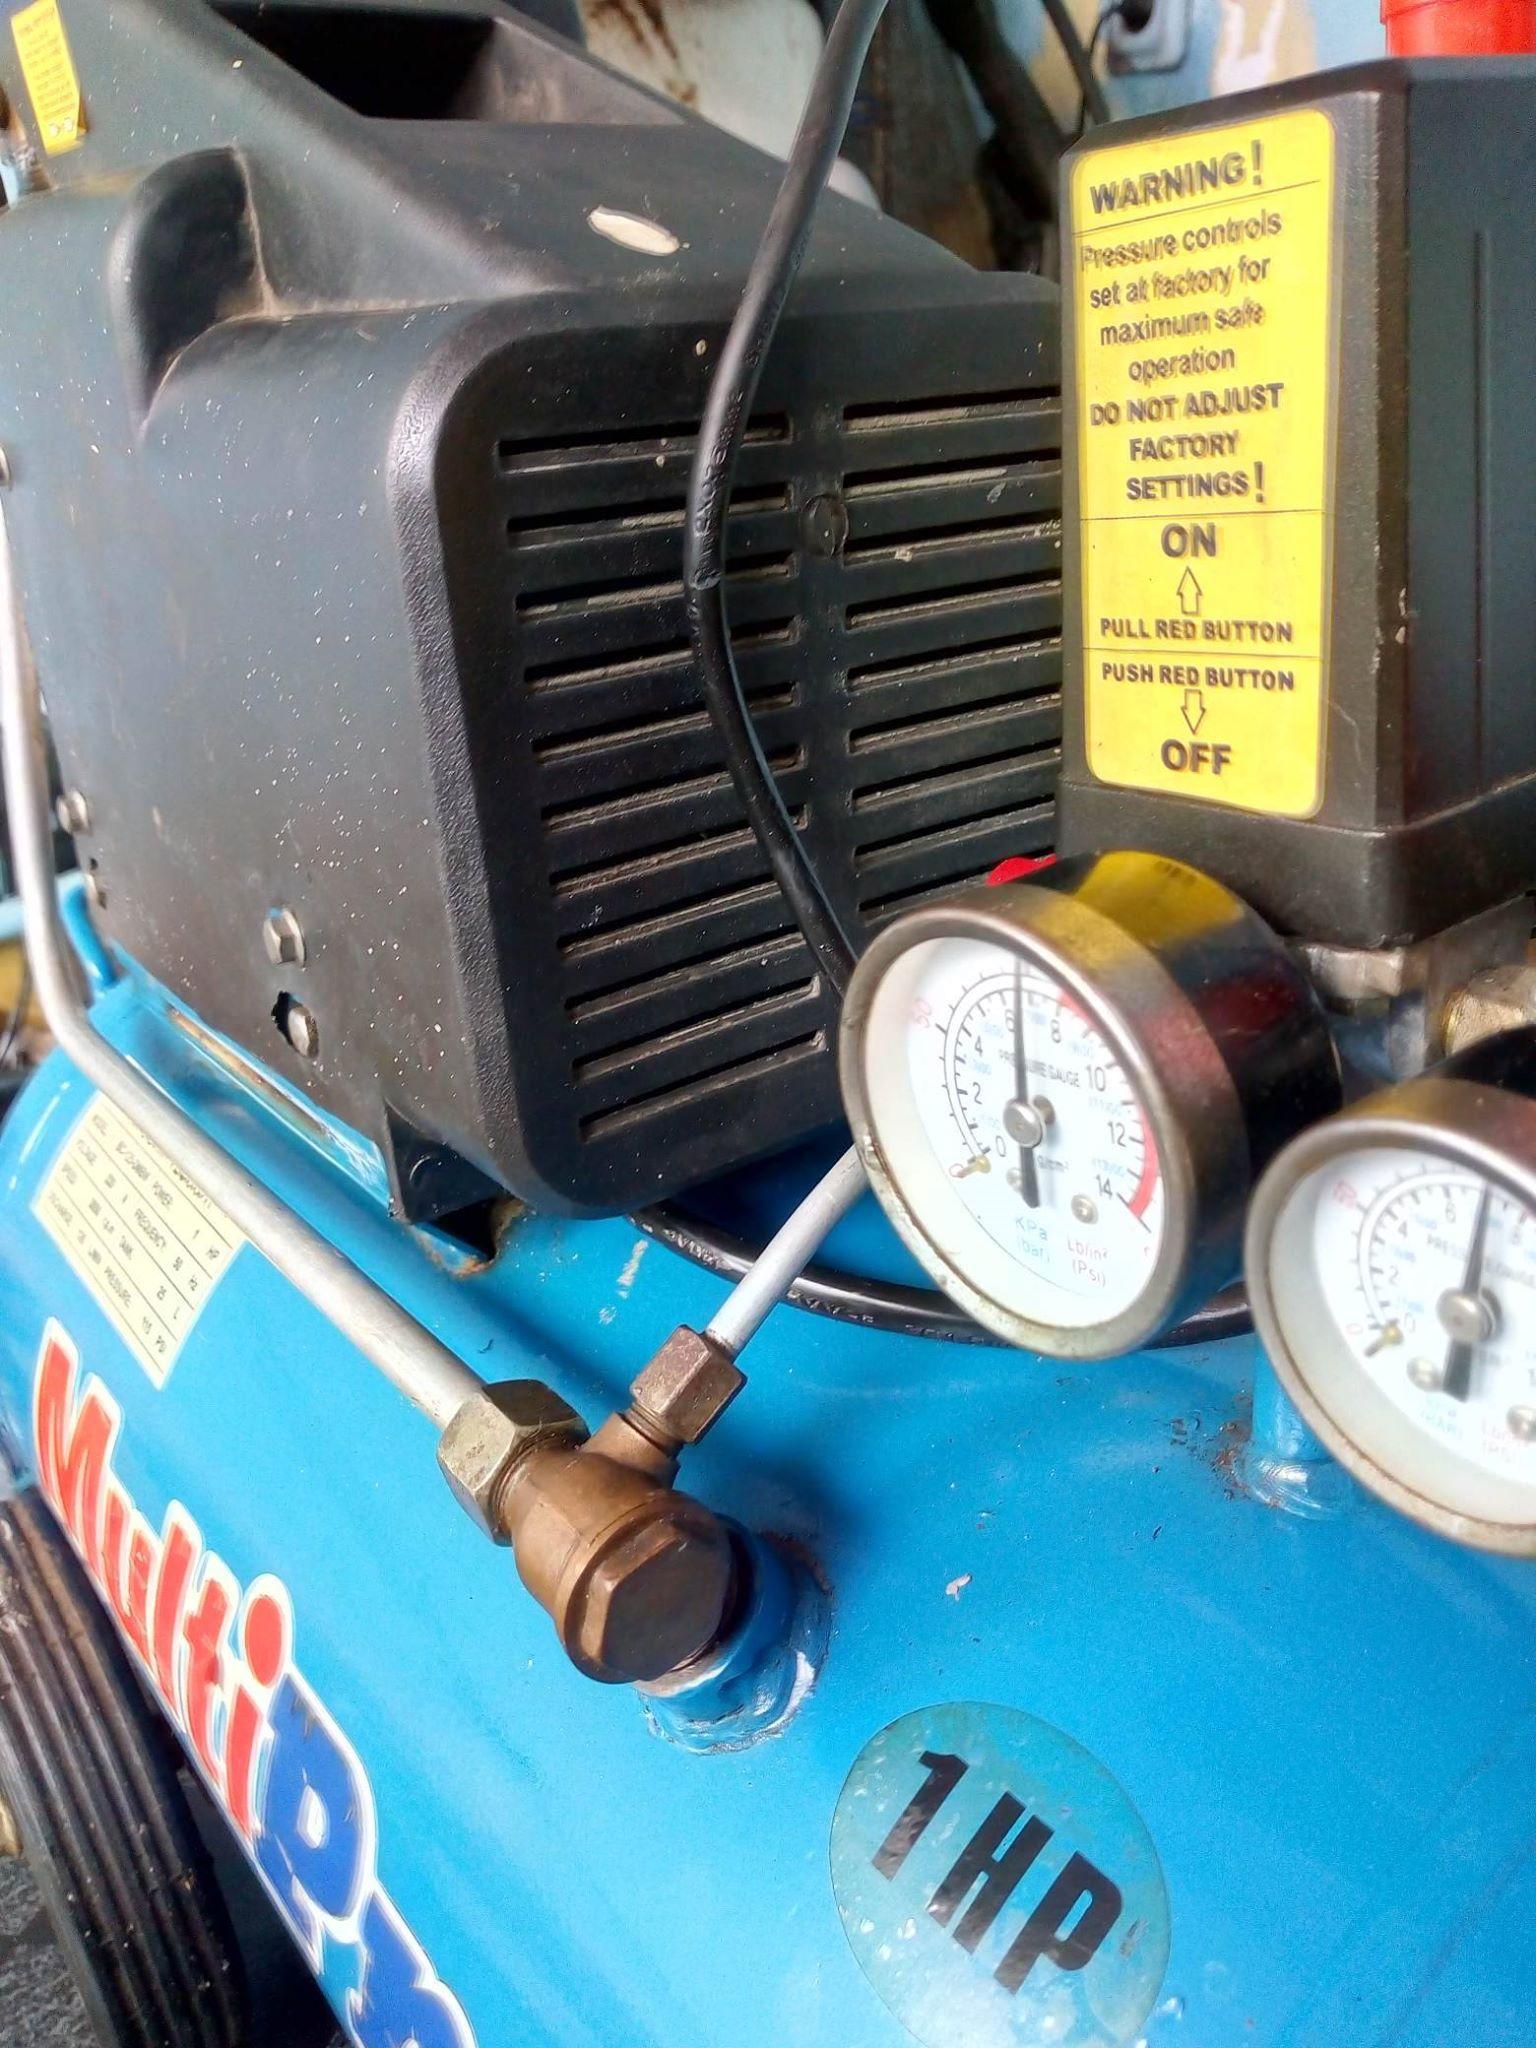 Kompresor 1HP dan 3/4HP lengkap dengan spray gun | Sewa Perkakas Poltangan - Sewa menyewa jadi lebih mudah di Spotsewa